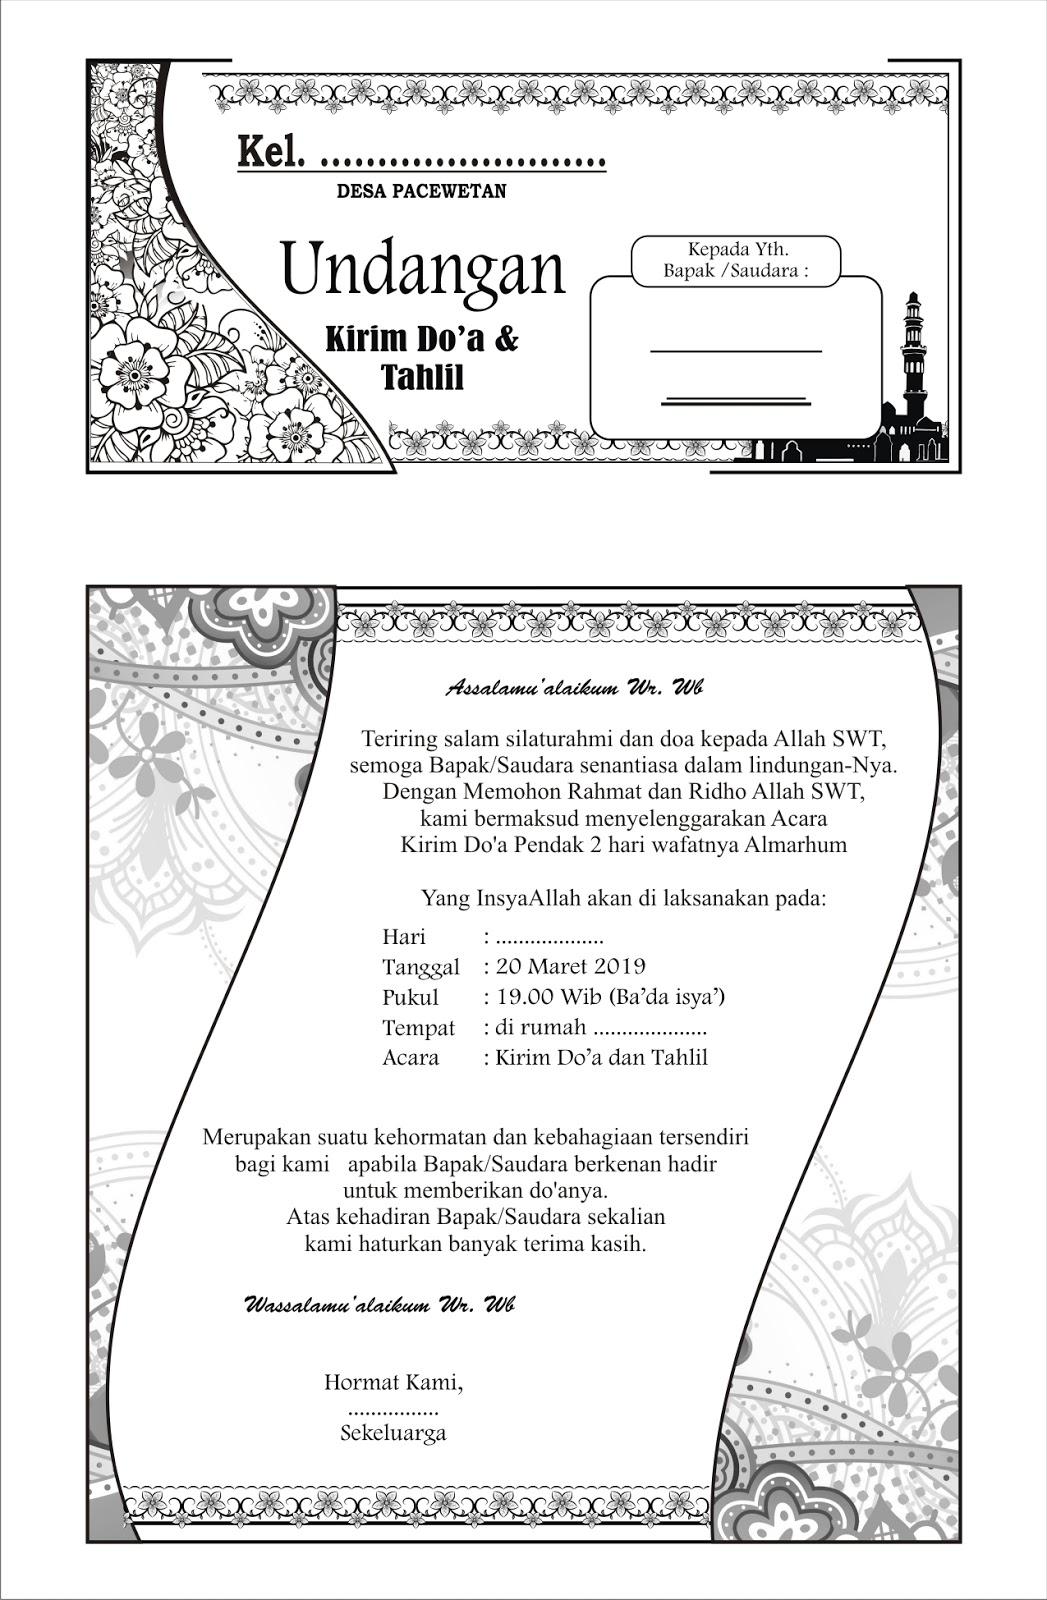 Pesona Alam Desa Pacewetan: Desain Undangan Tahlil 2019